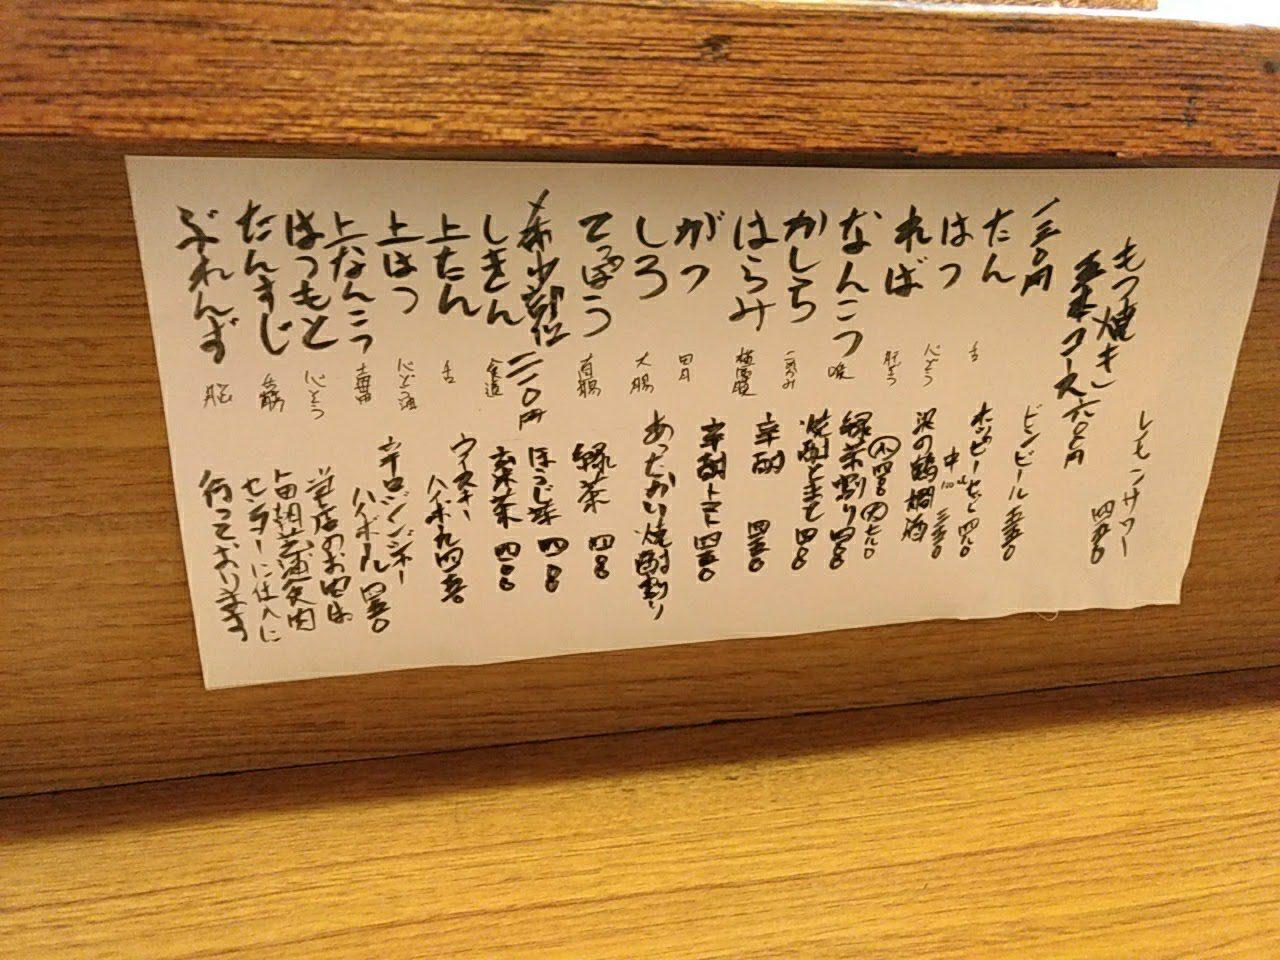 16-11-15-18-43-32-156_photo